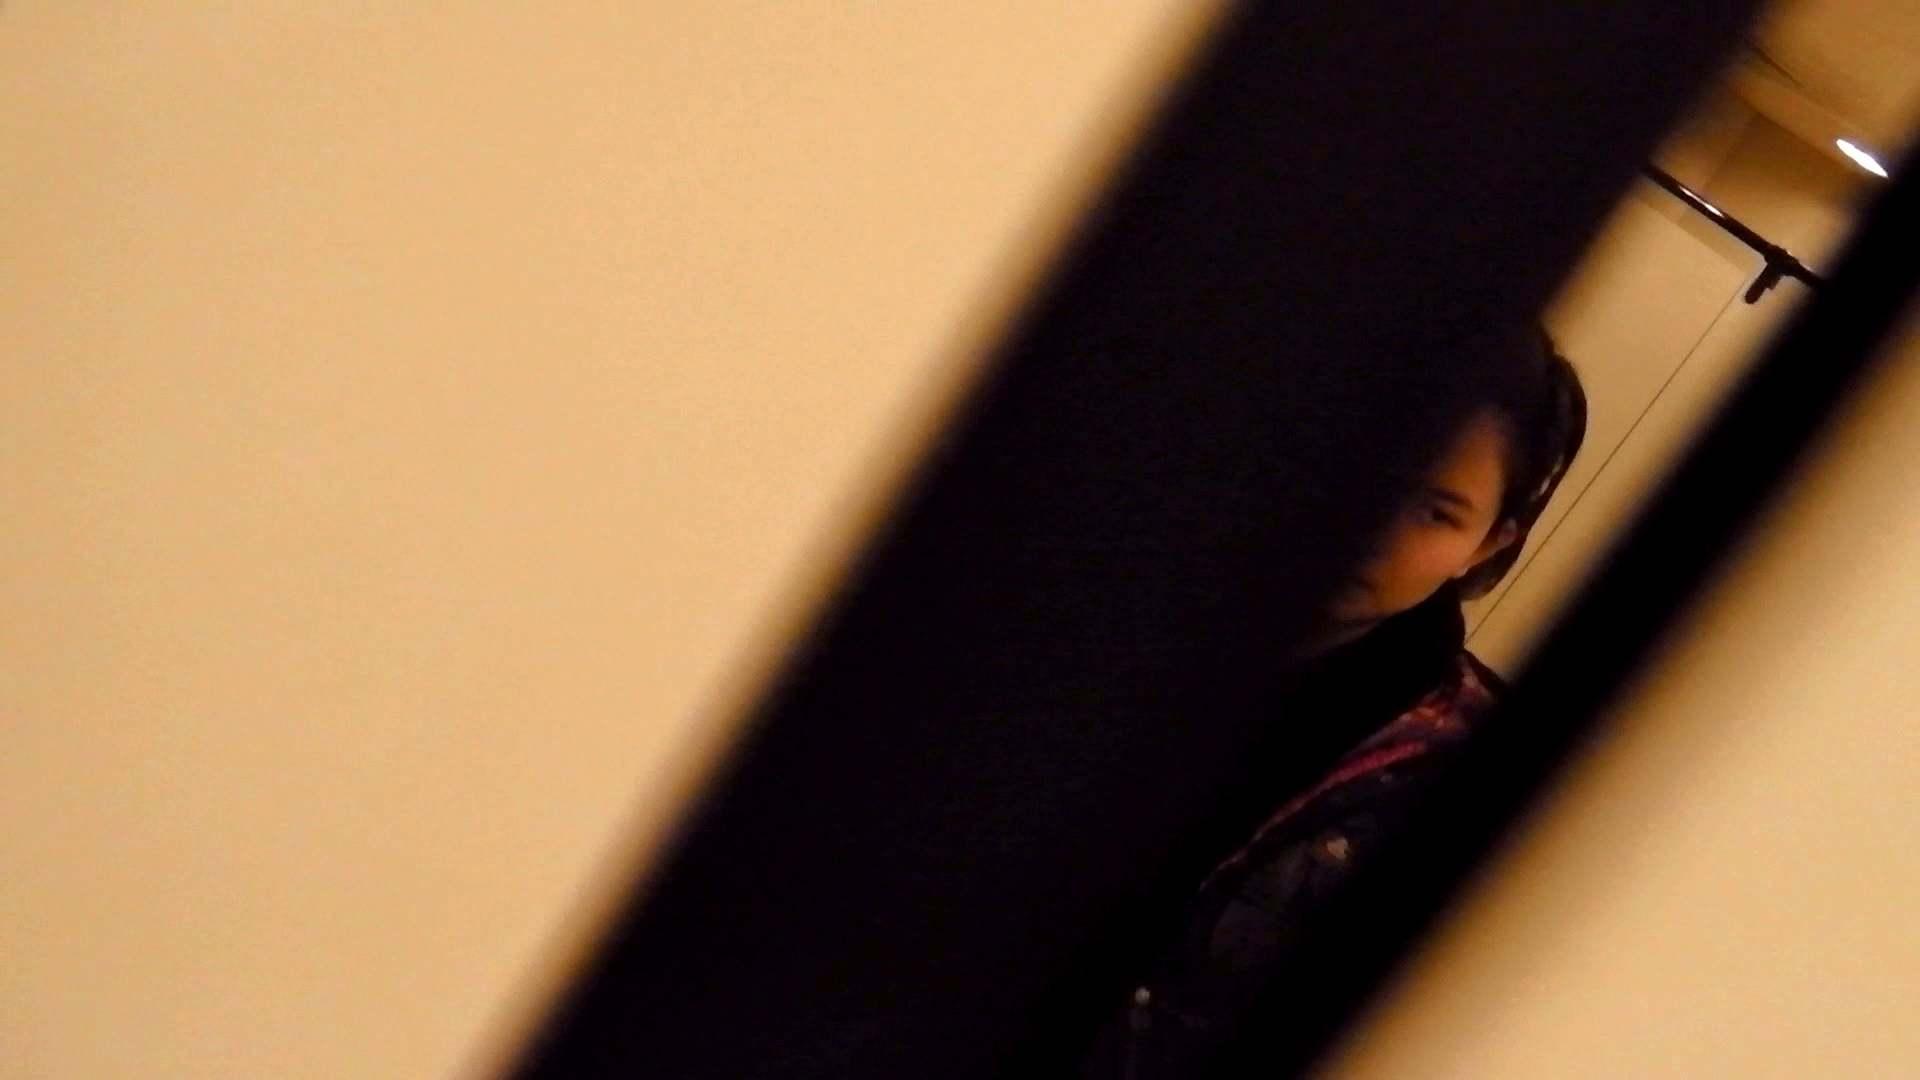 世界の射窓から vol.5 エッチなお姉さん SEX無修正画像 78画像 23